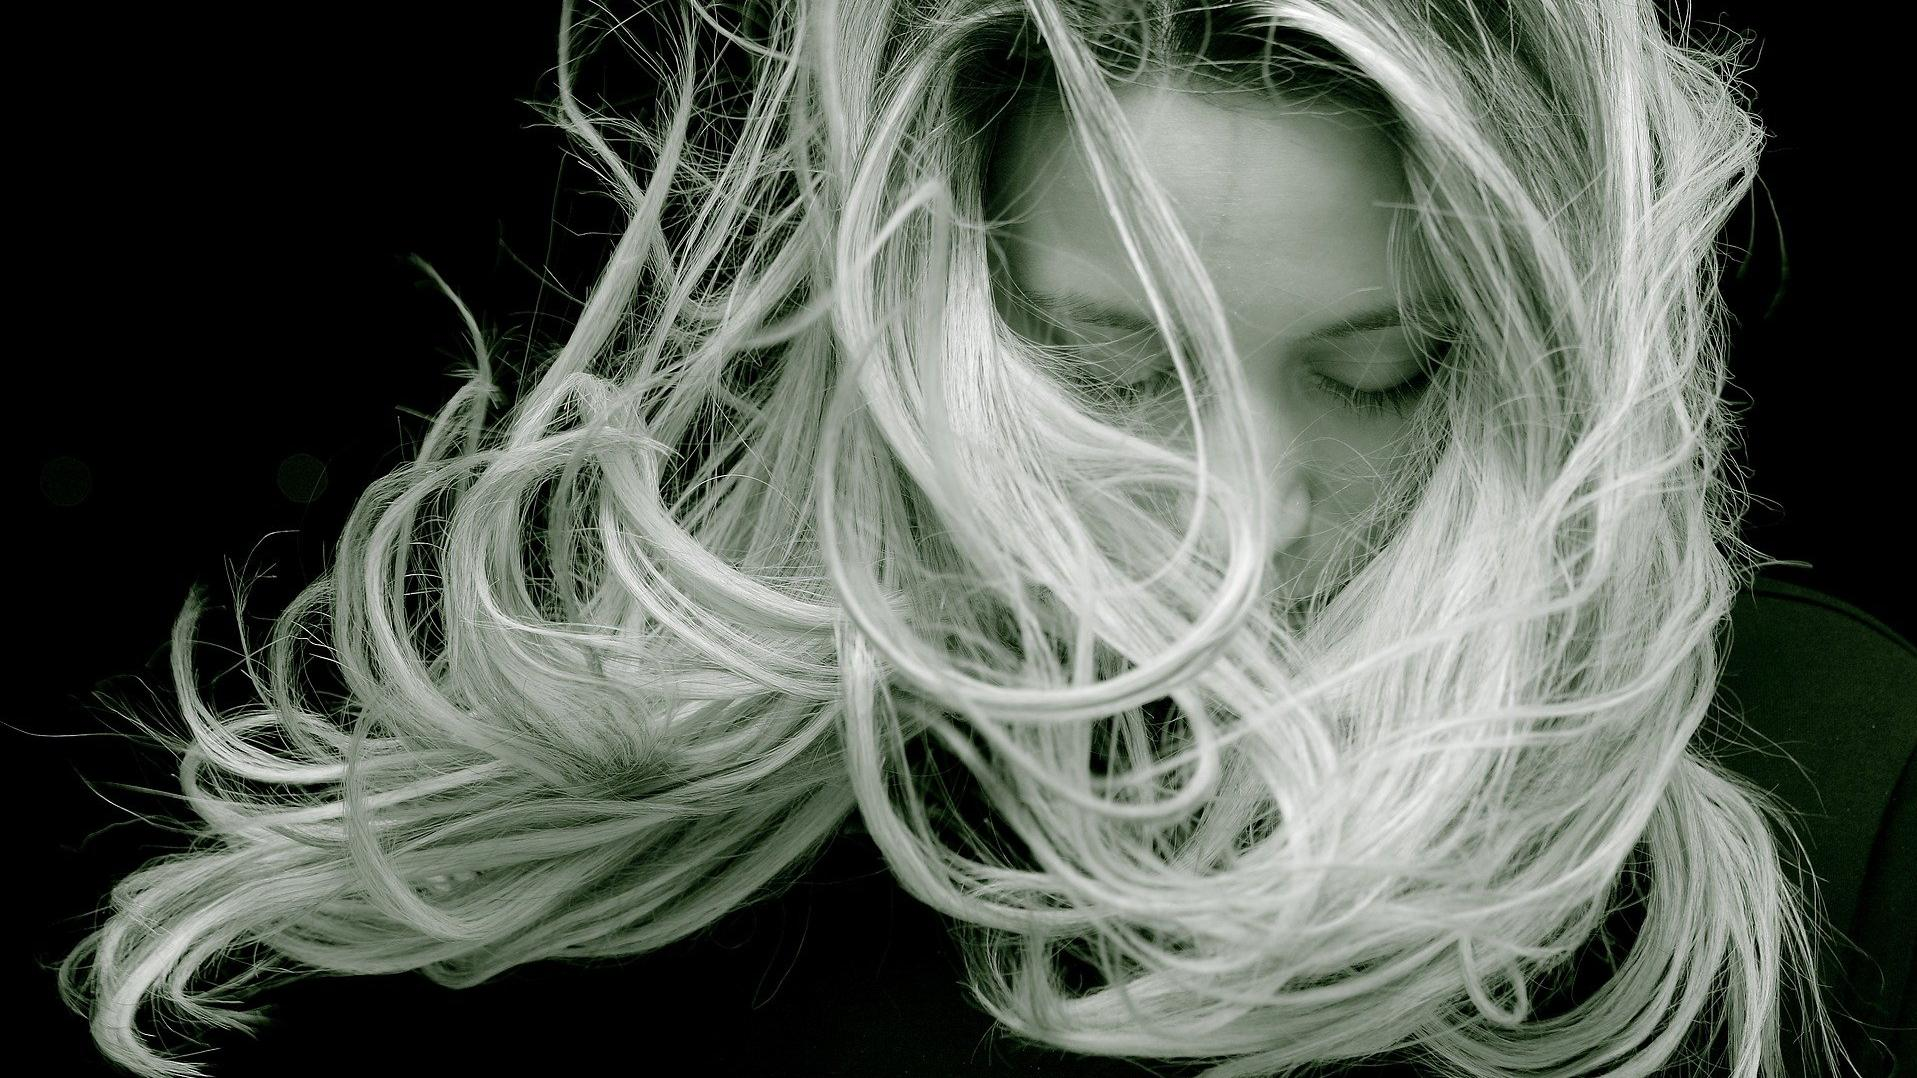 Haar blondieren schwarzes Gefärbte haare